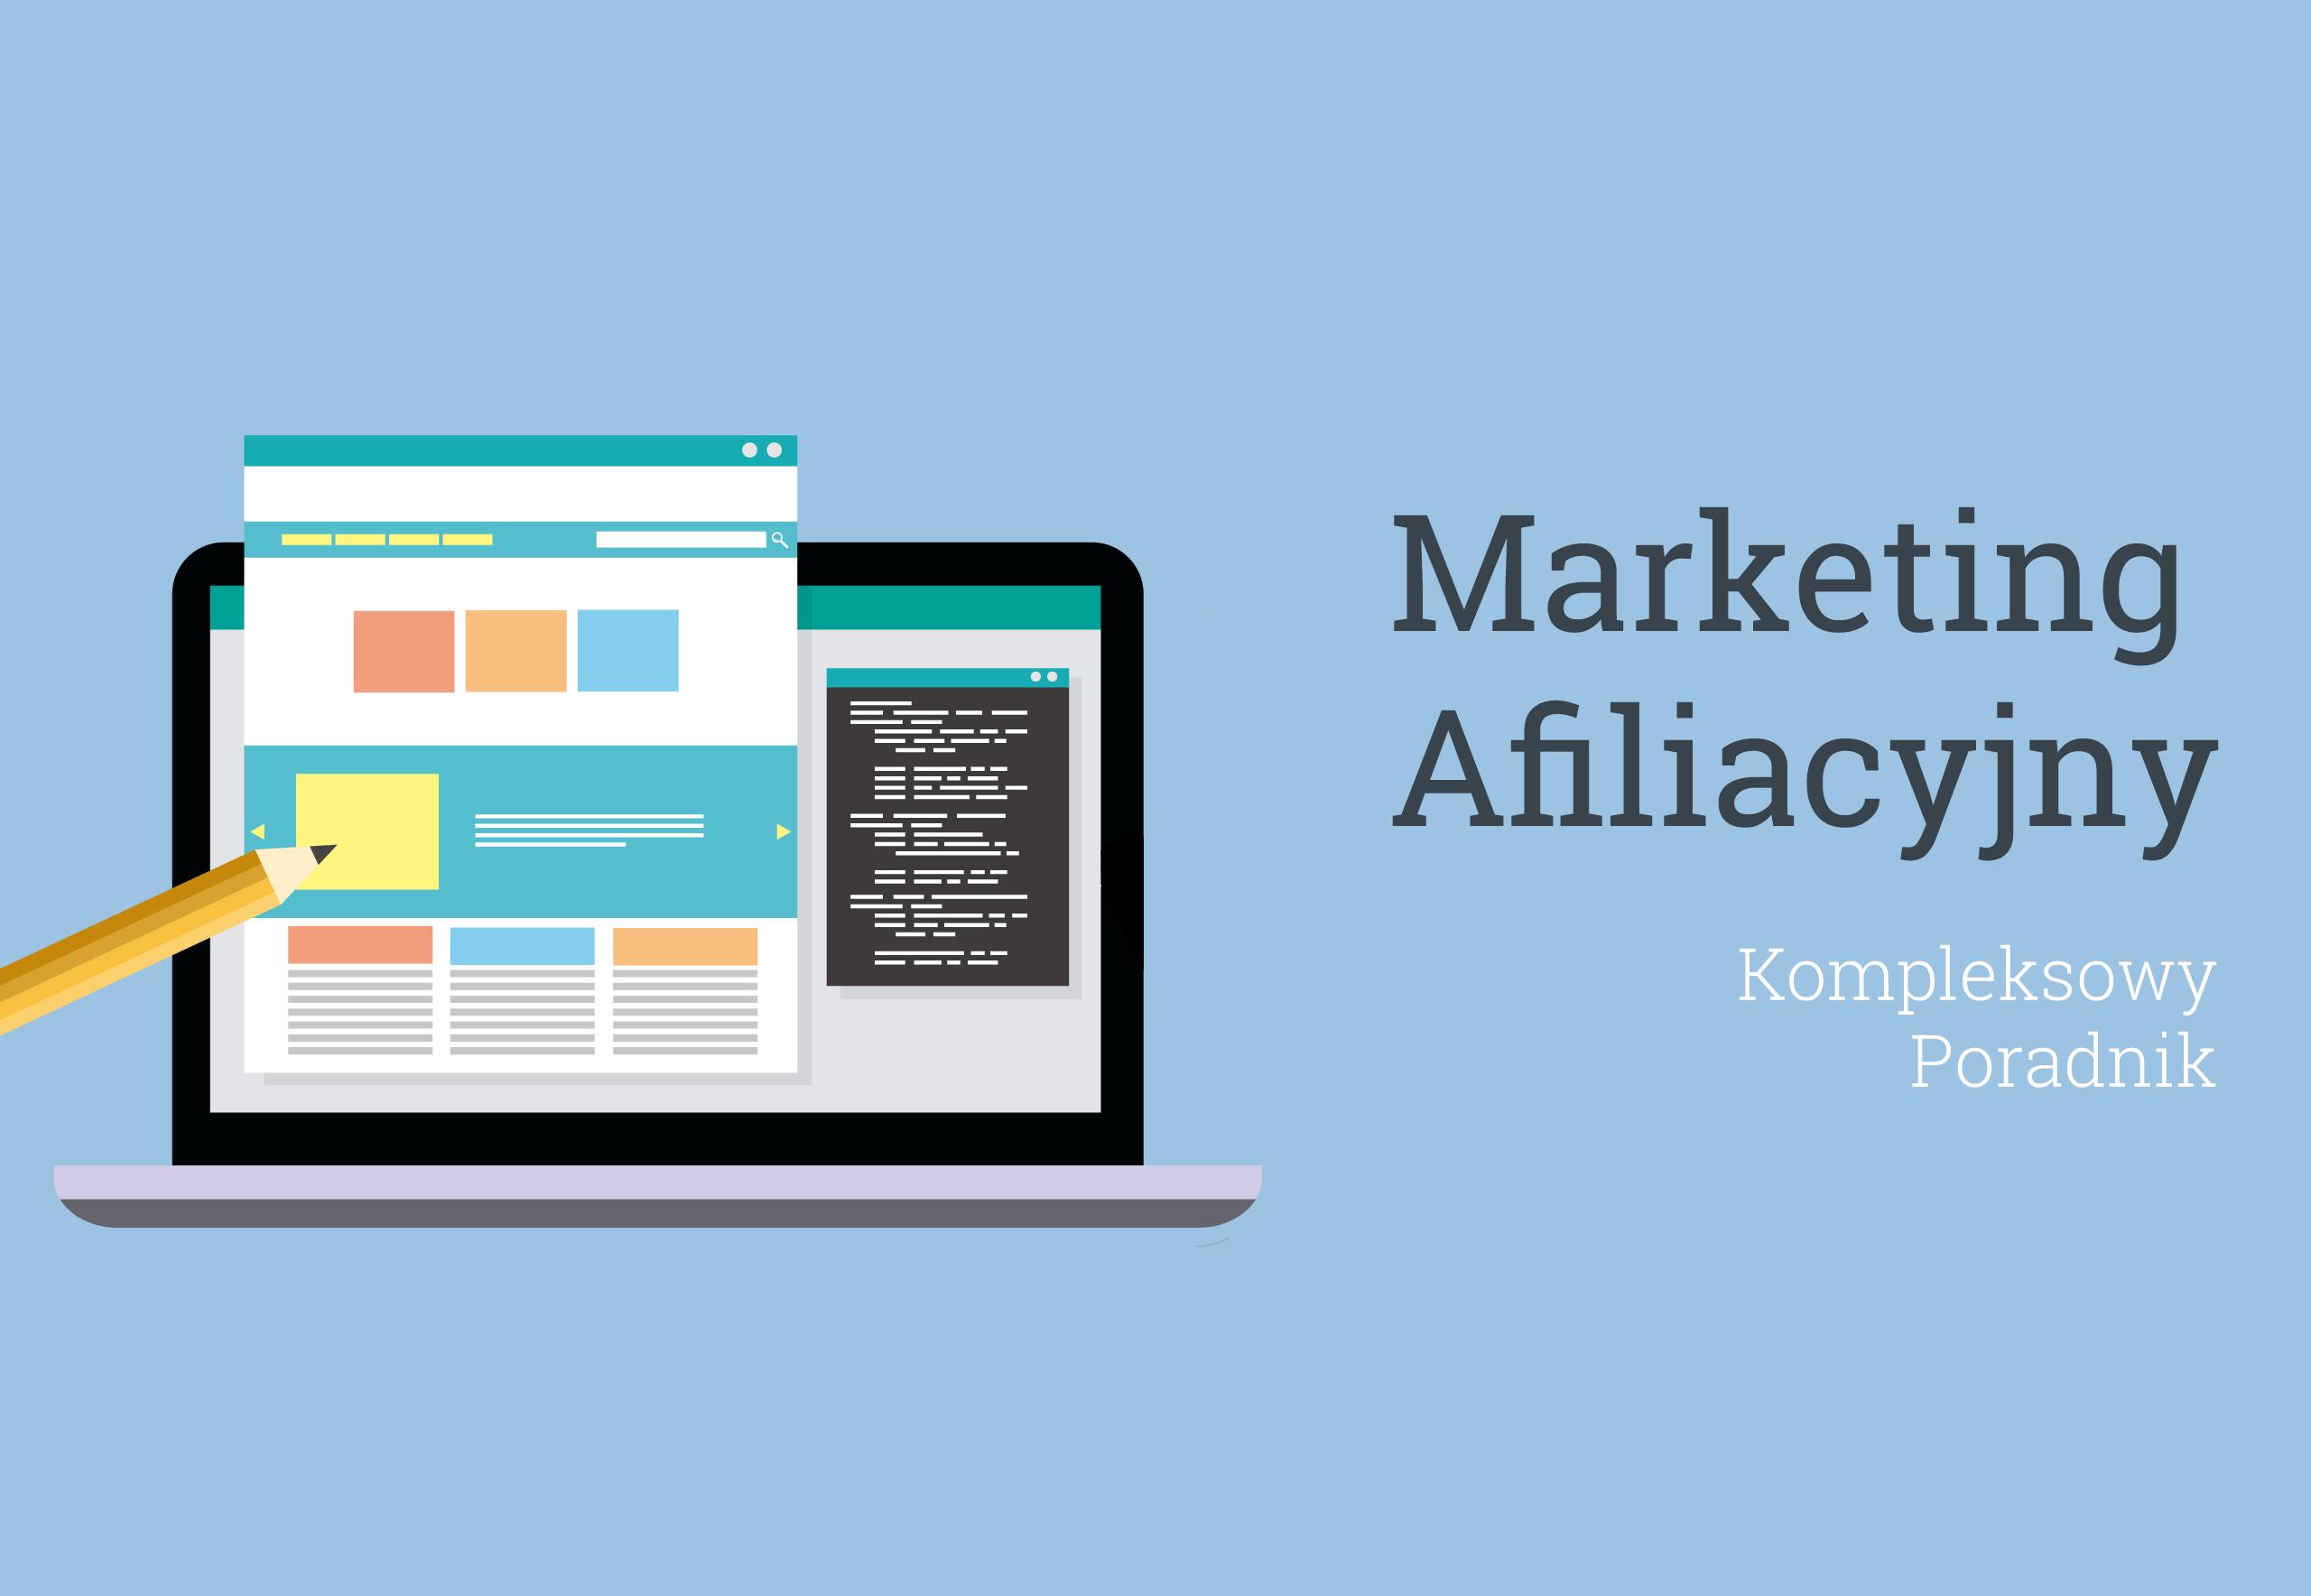 poradnik marketing afiliacyjny - afiliacja